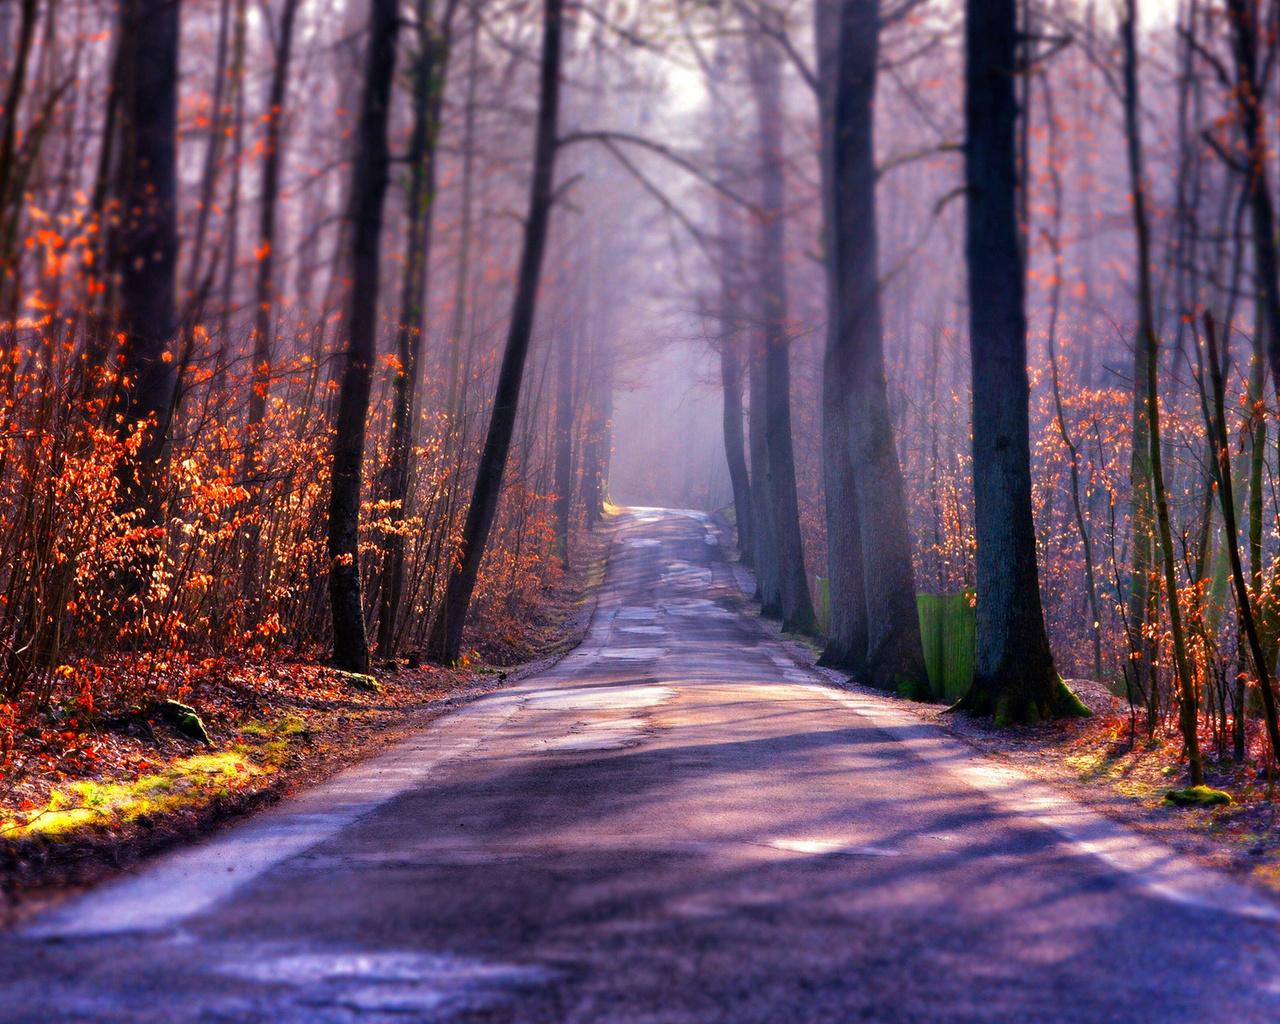 осень, лес, деревья, туман, дорога